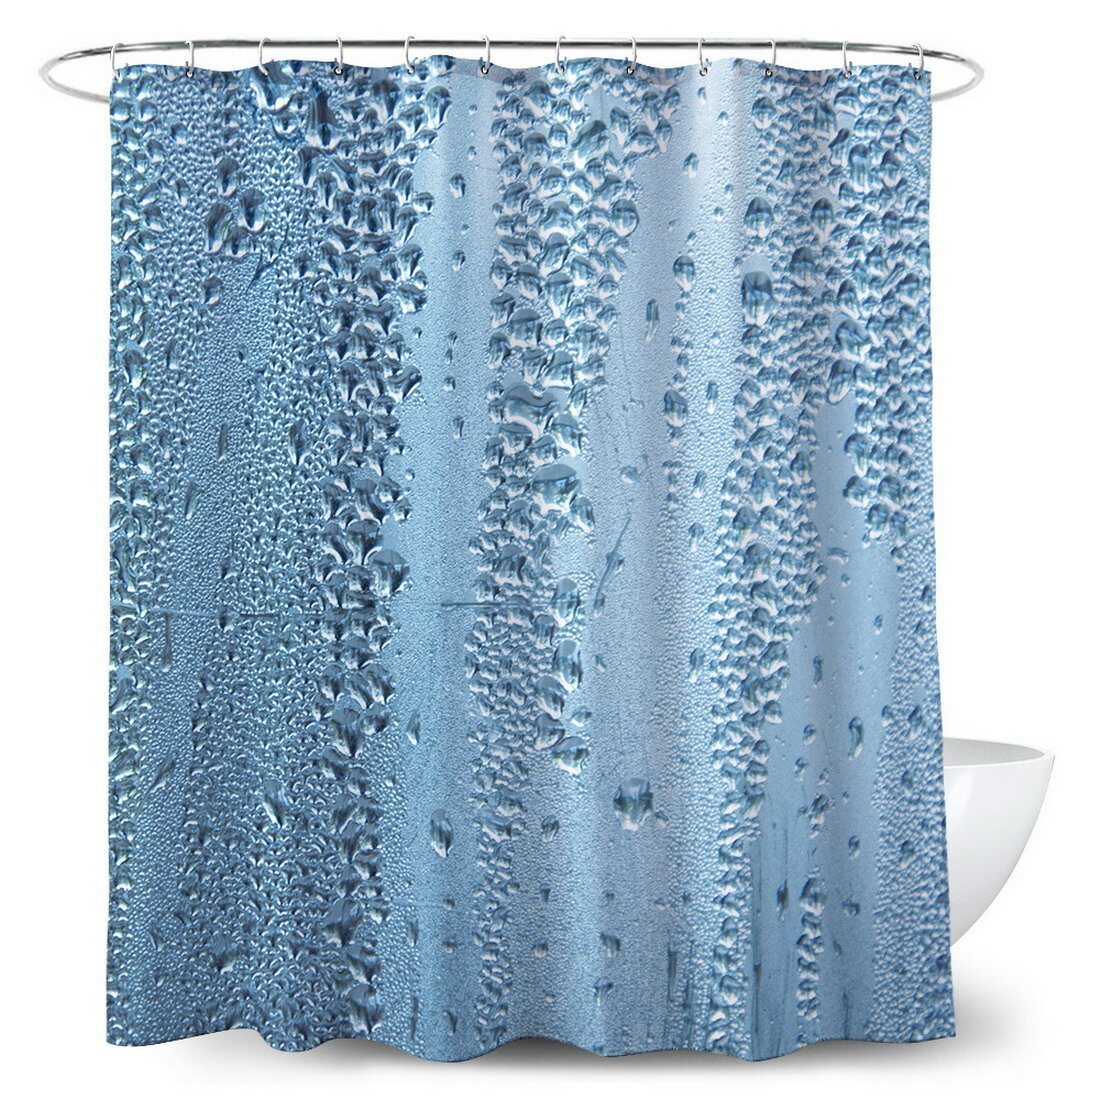 Rosecliff Heights Moana 13 Piece Shower Curtain Set Hooks Wayfair